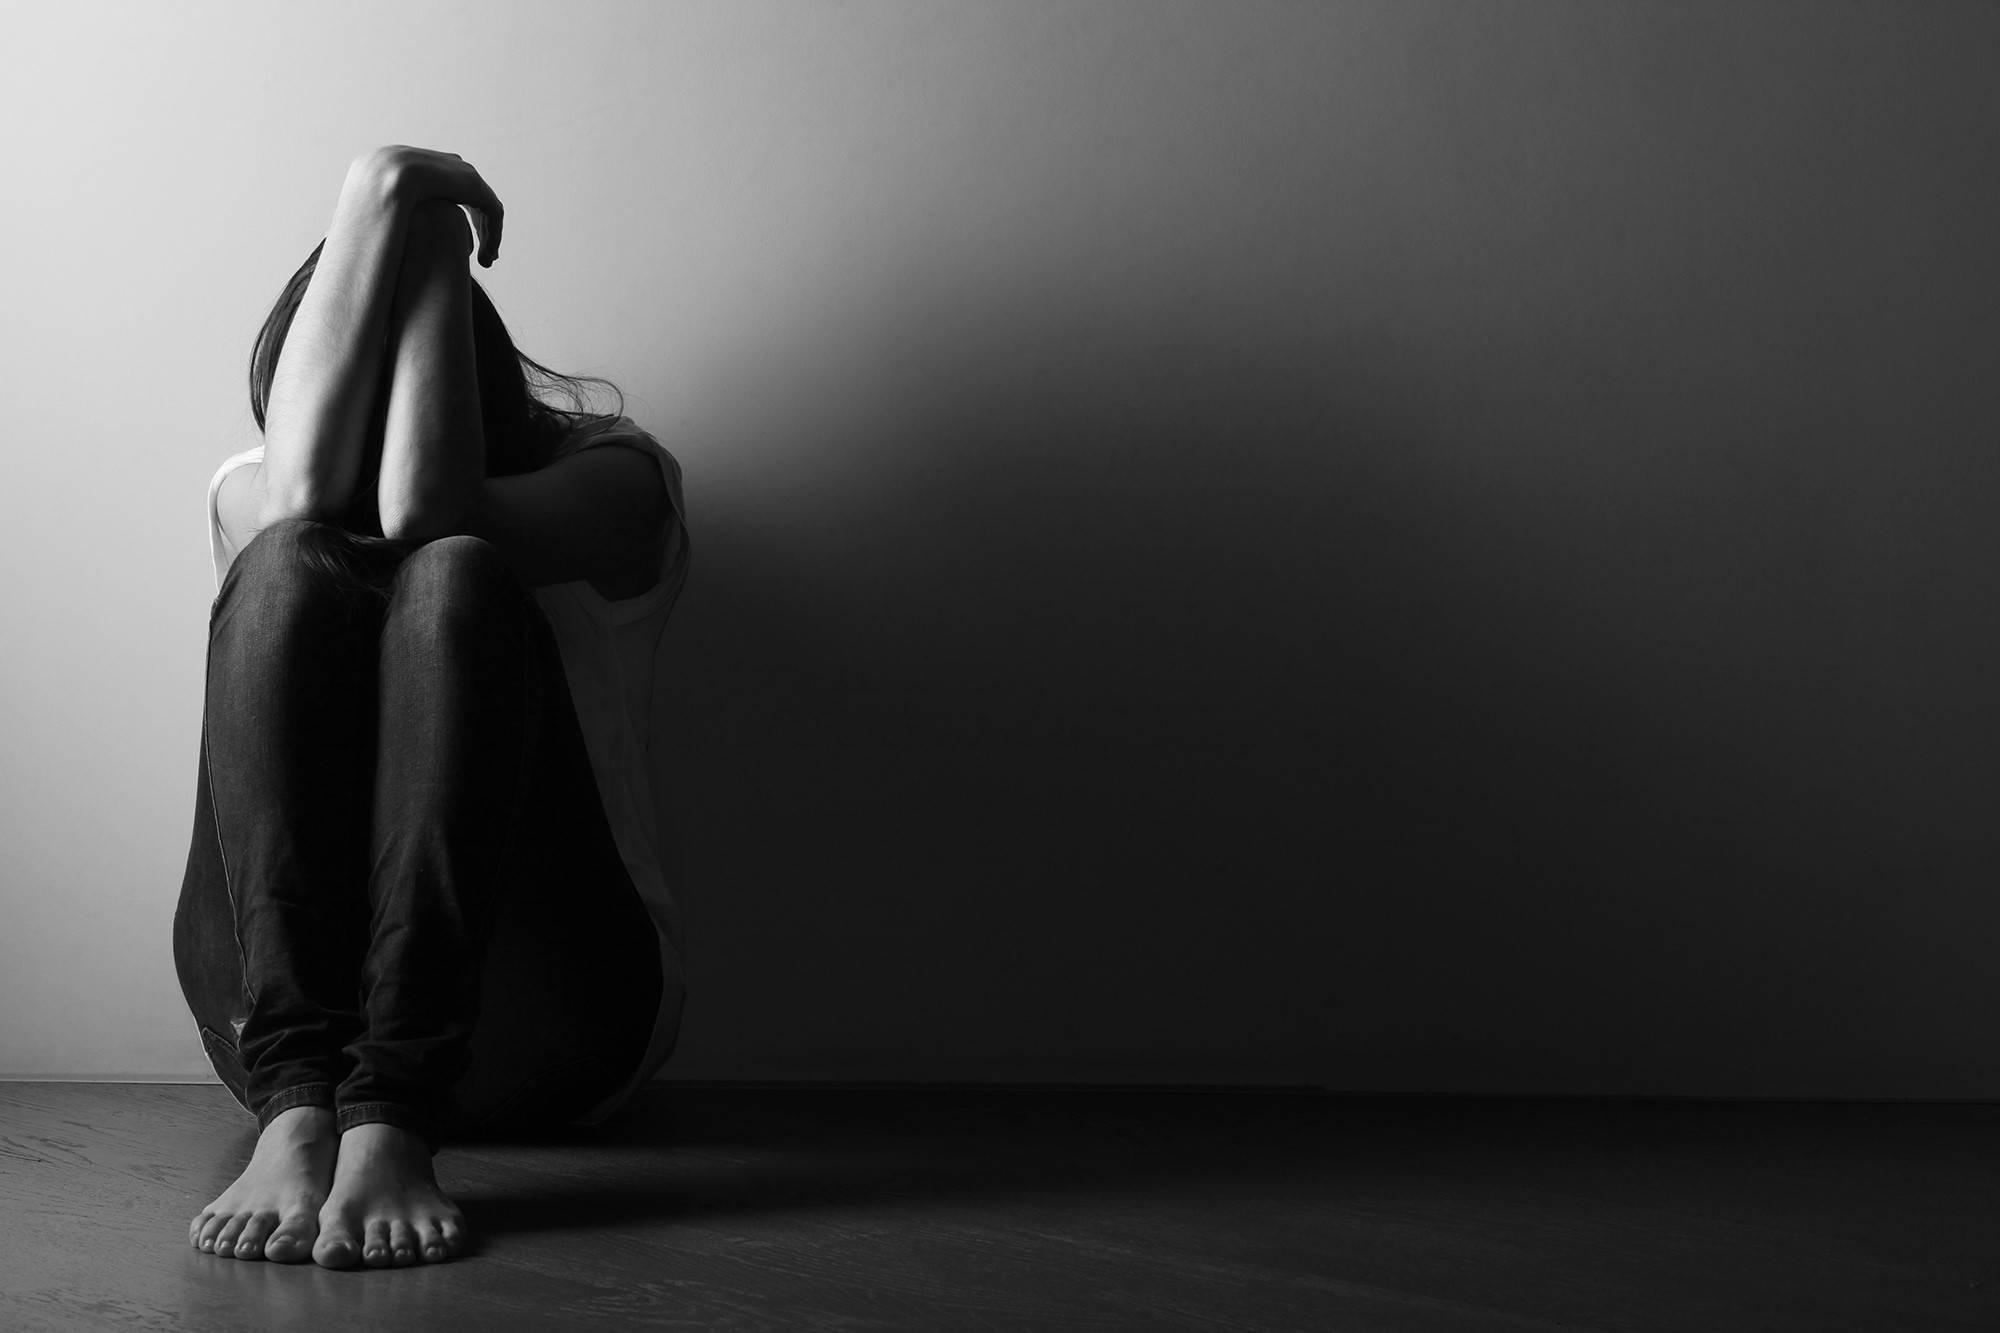 Не могу справится с депрессией и одиночеством